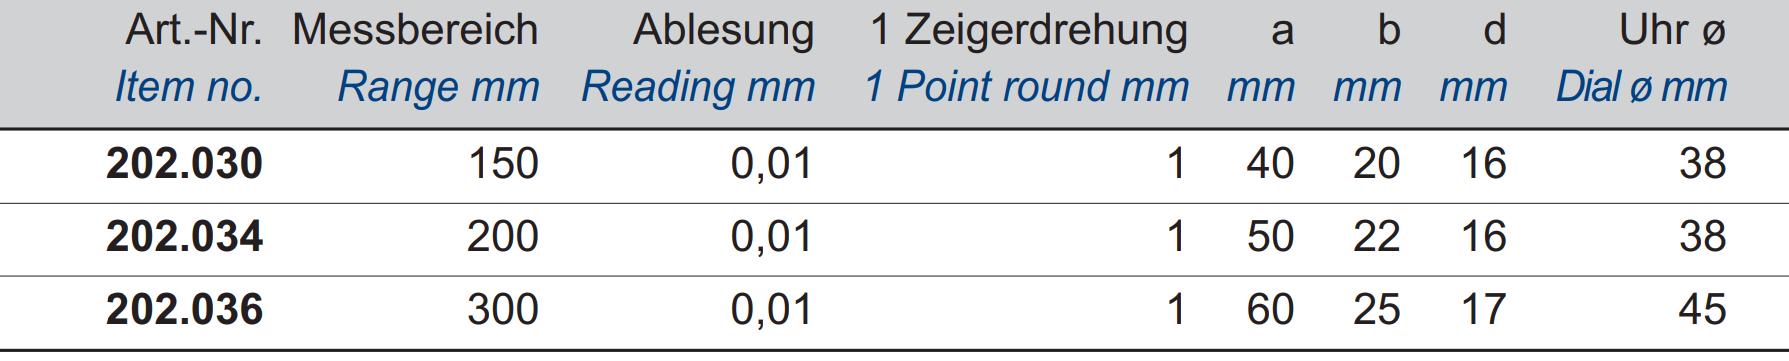 Uhren-Messschieber DIN 862 - Ablesung 0,01 mm